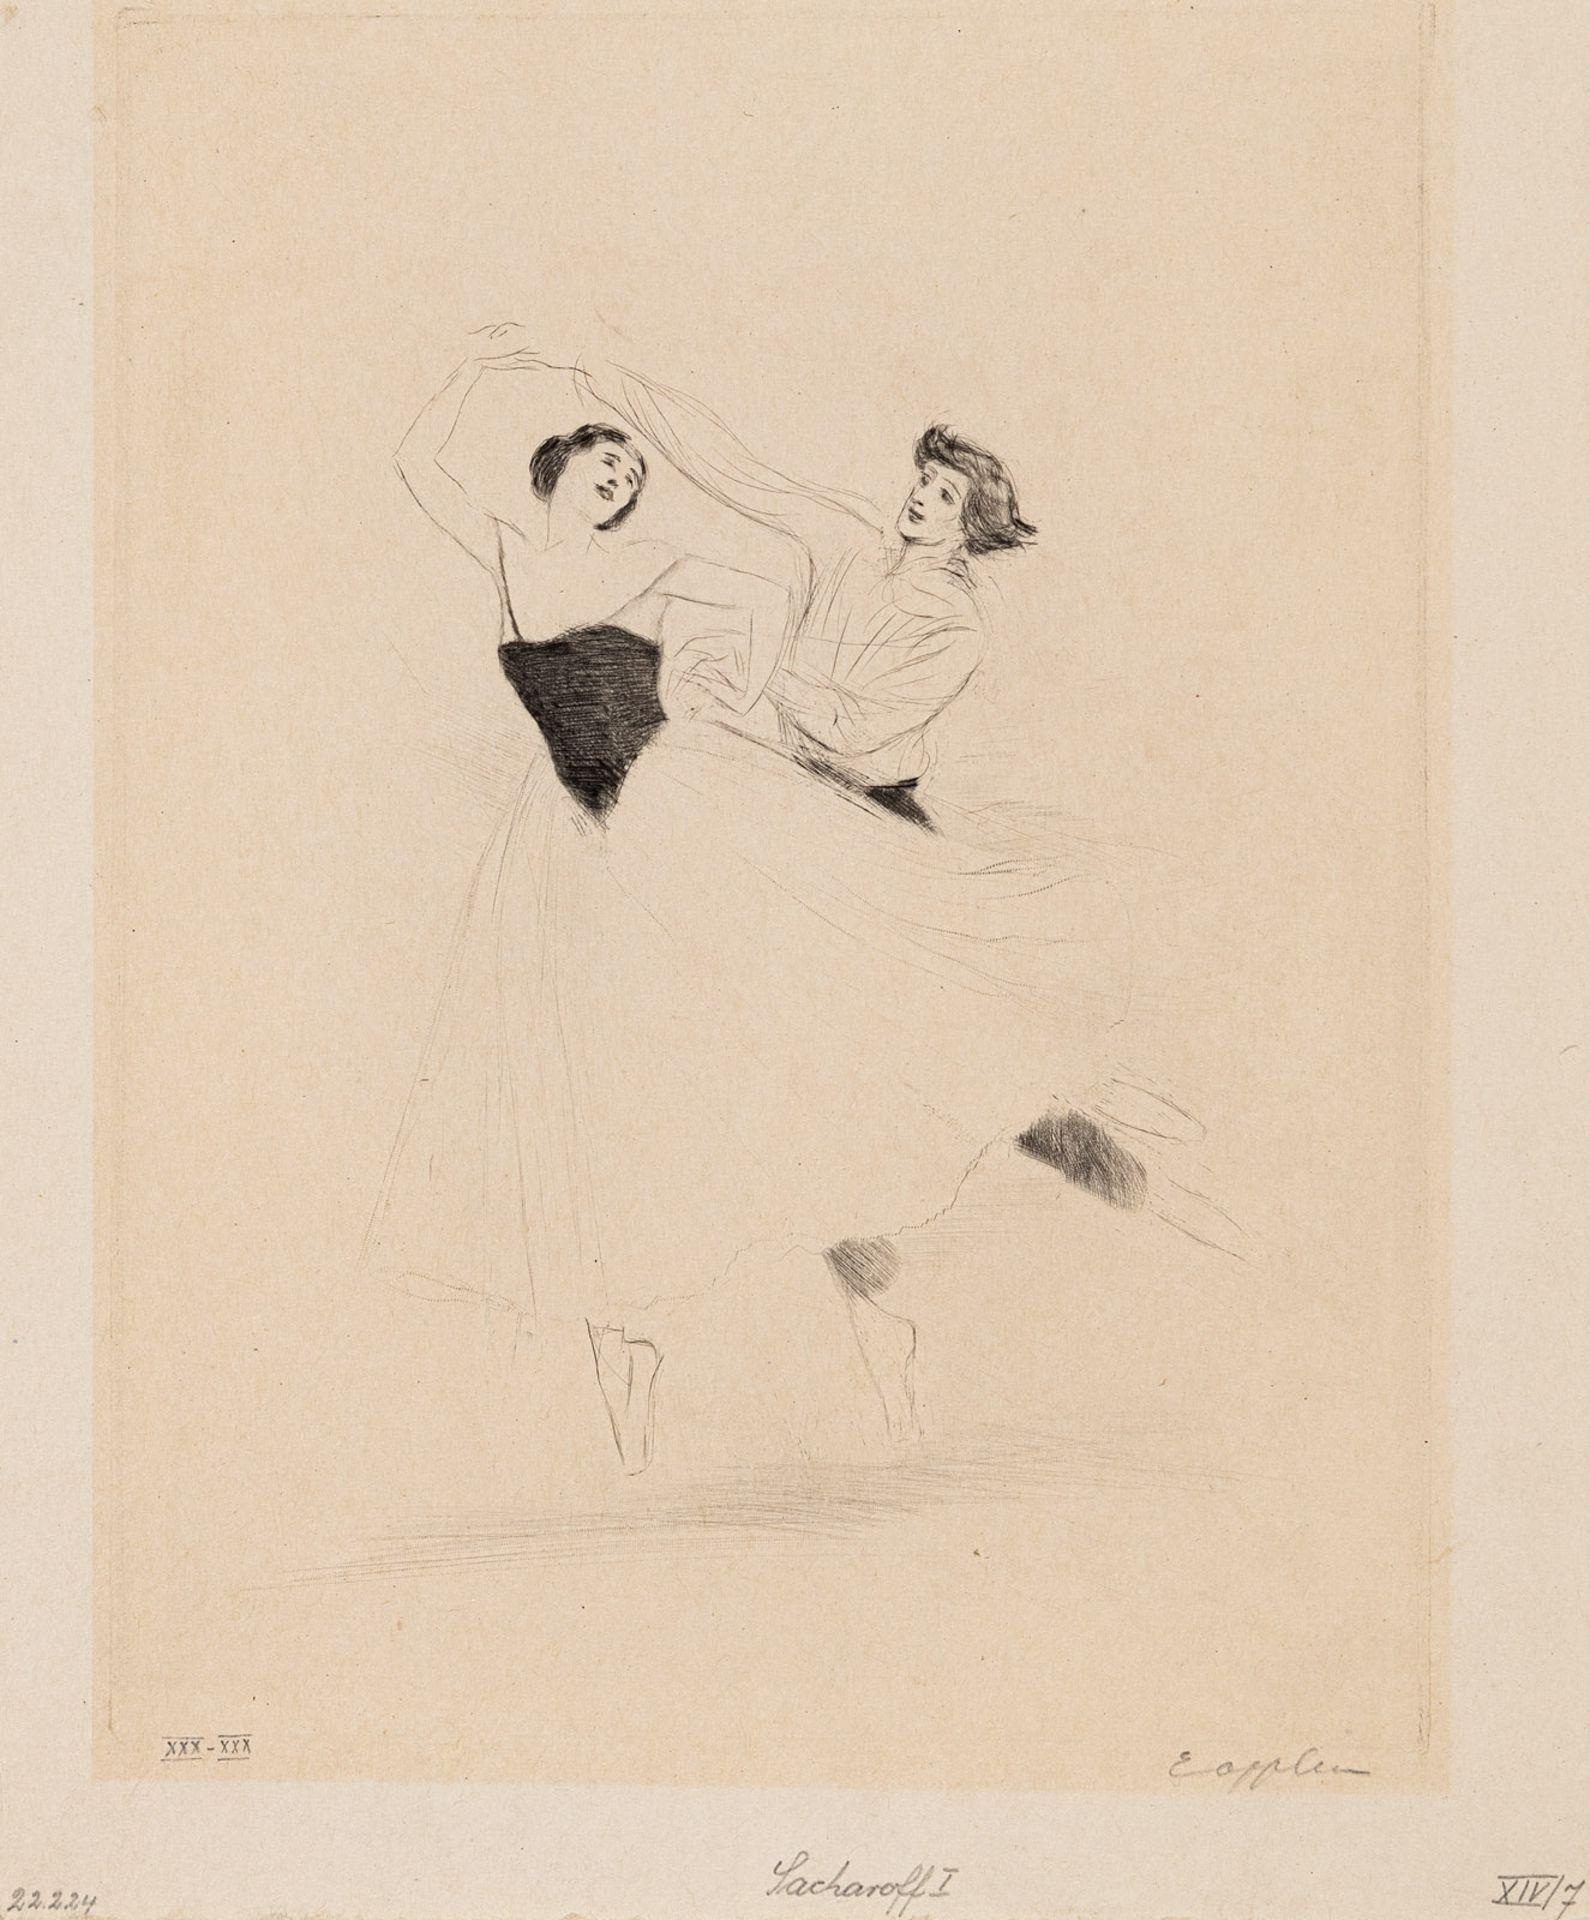 Oppler, Ernst - Image 2 of 9